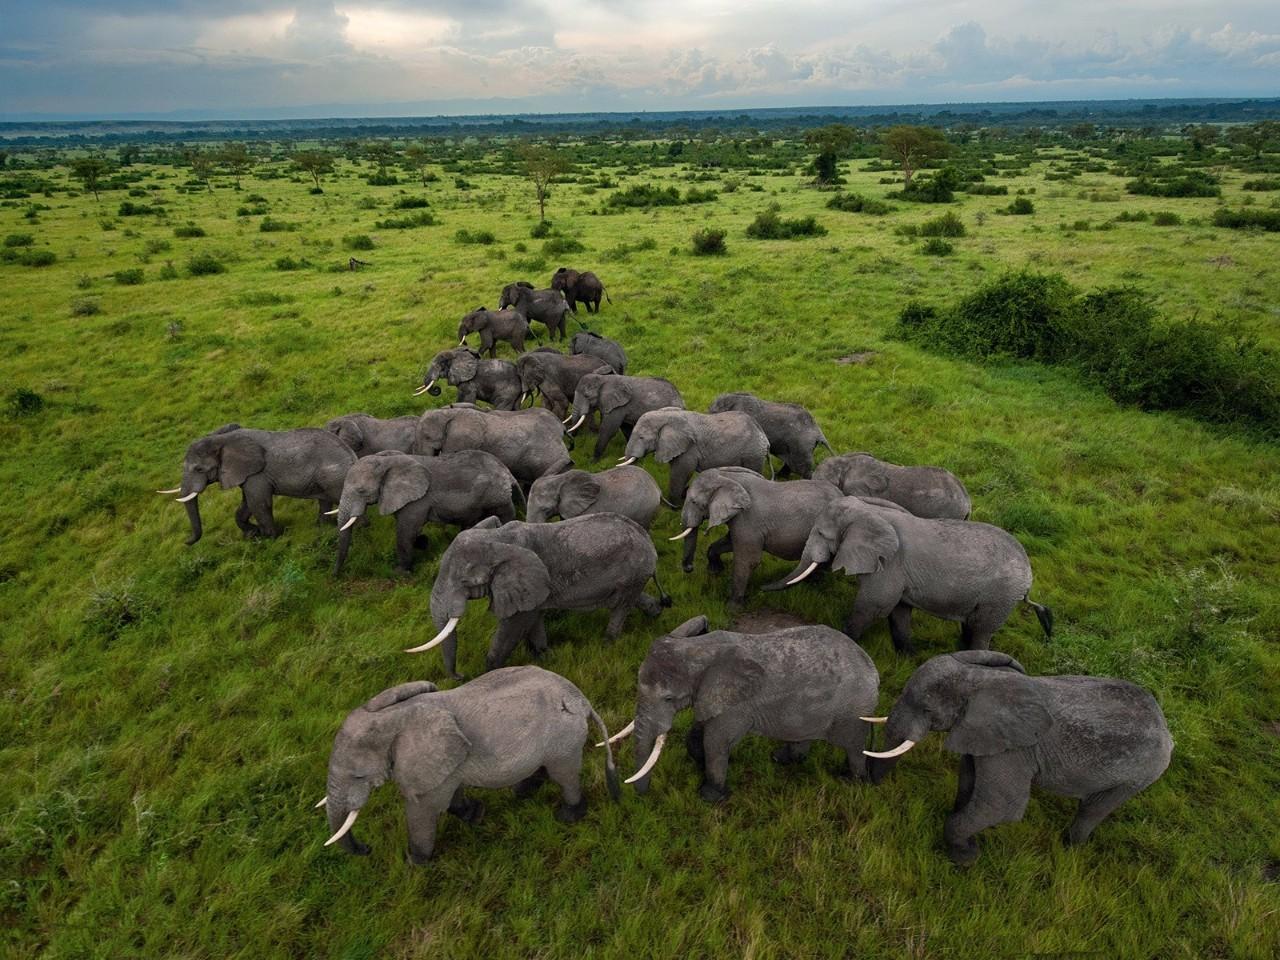 7月旅行灵感|睛彩非洲,恣意挥洒的性感 和无可救药的浪漫